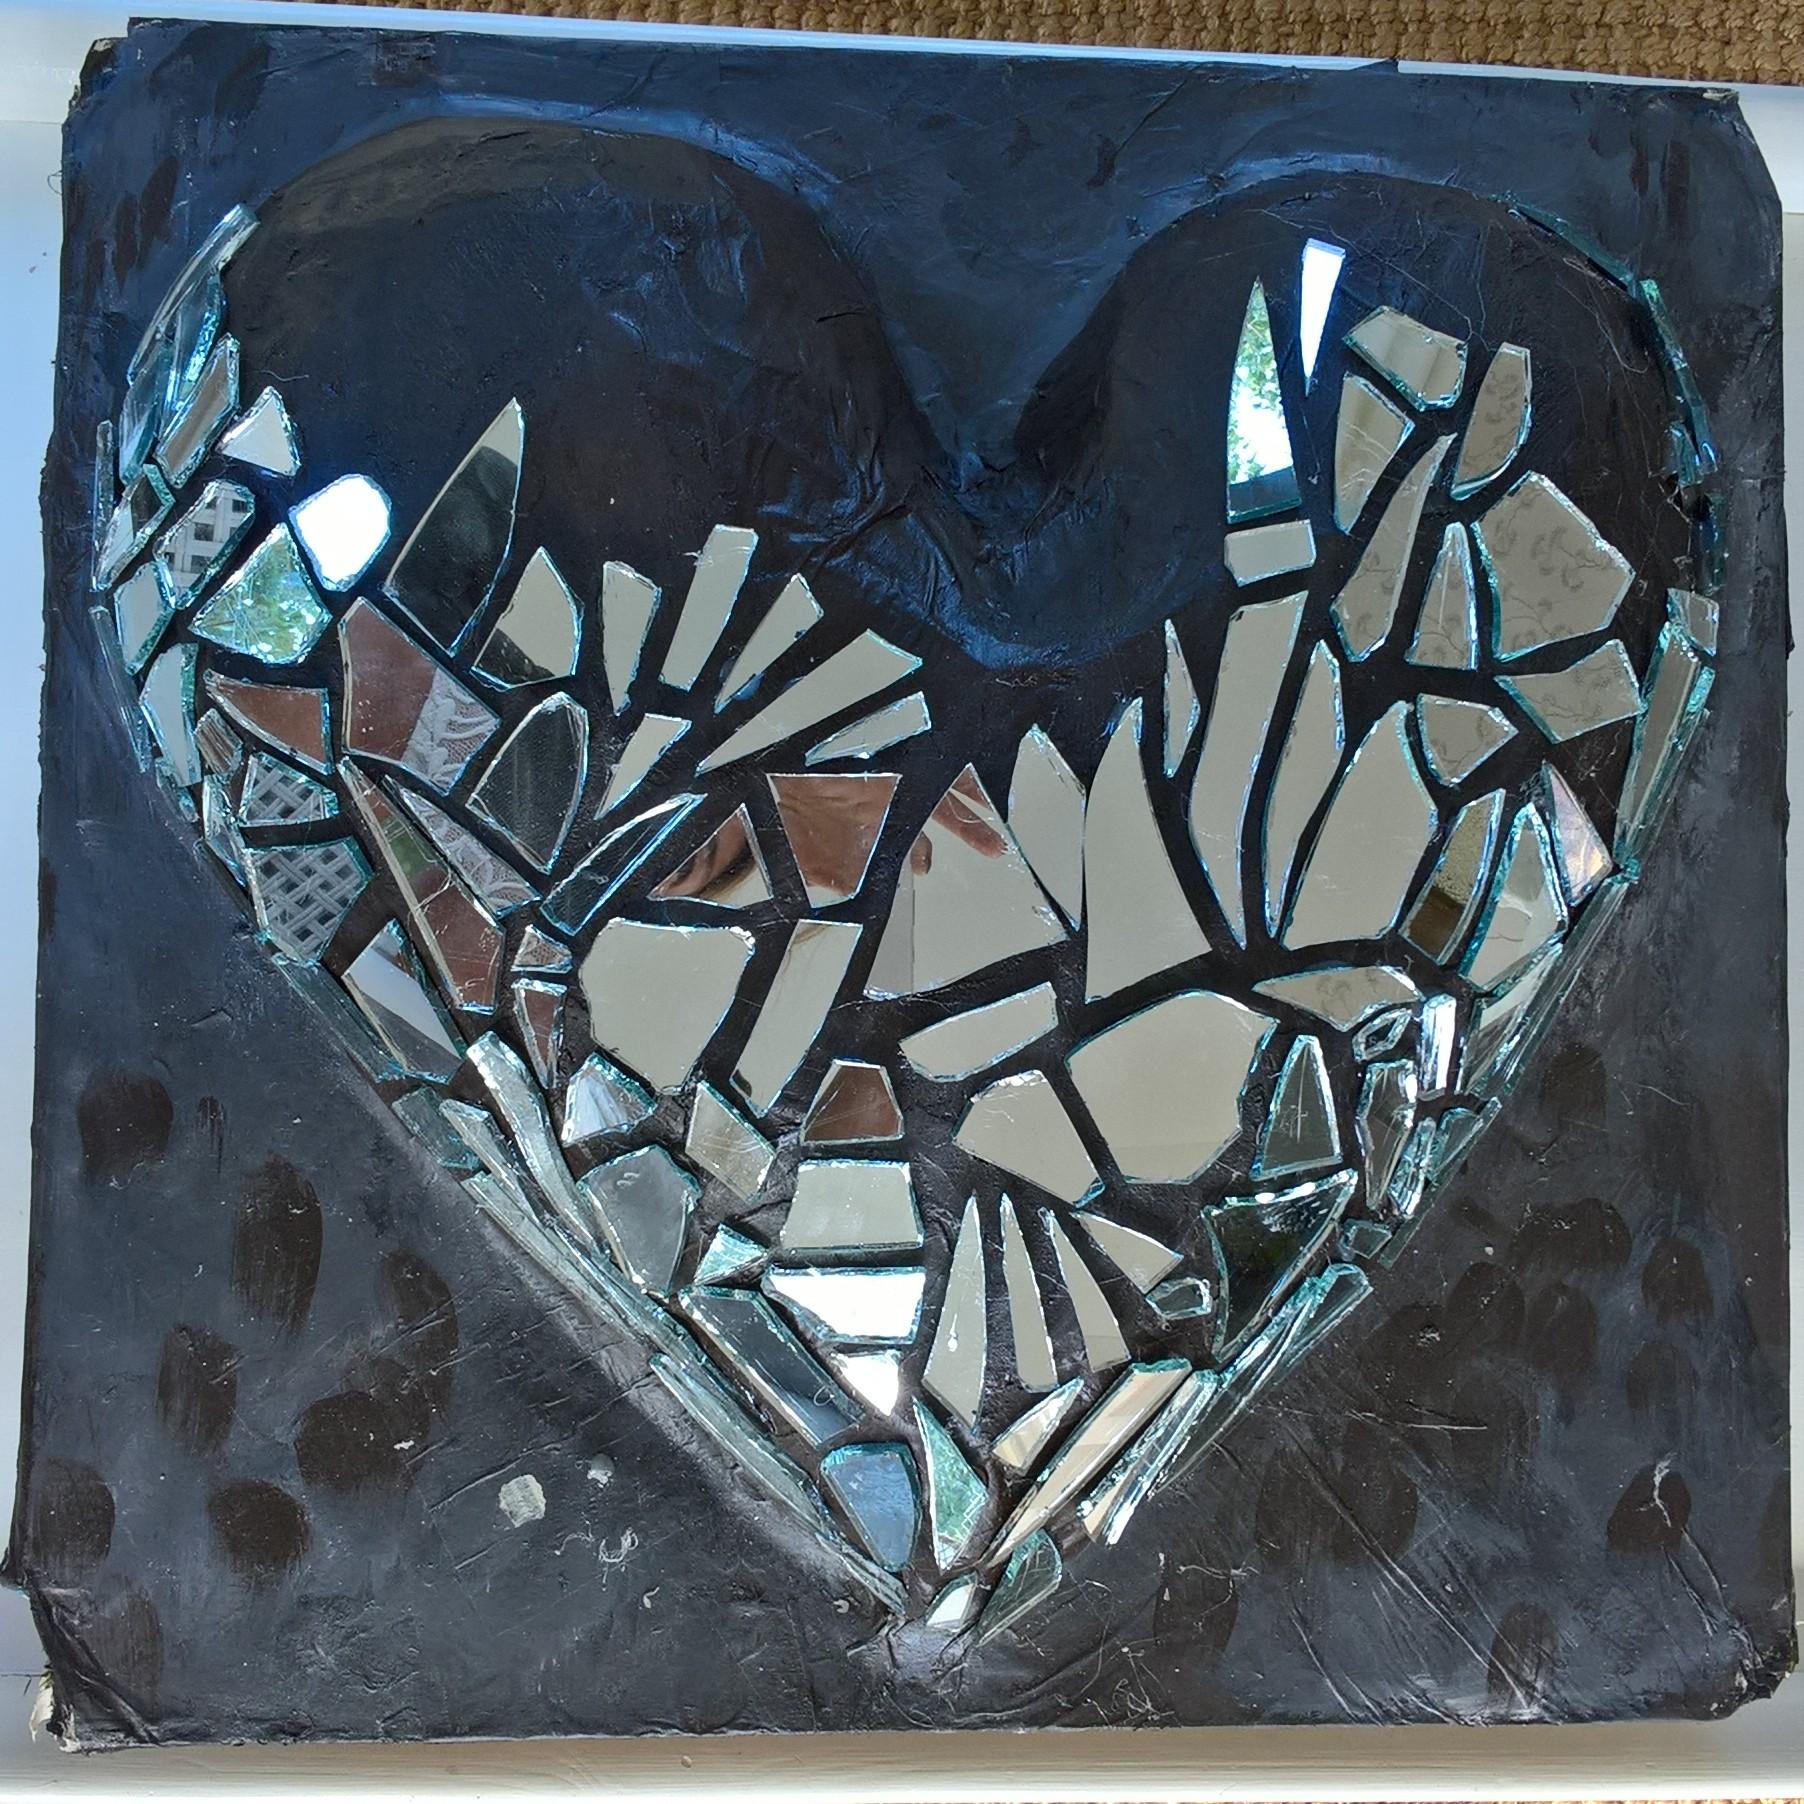 Skulpturer og malerier   Der er hjerte og hjerterum. Der er refleksion, position,vision og mission. Der er skønhed, godhed og glæde. Der er tro. Der er håb og der er så meget kærlighed...